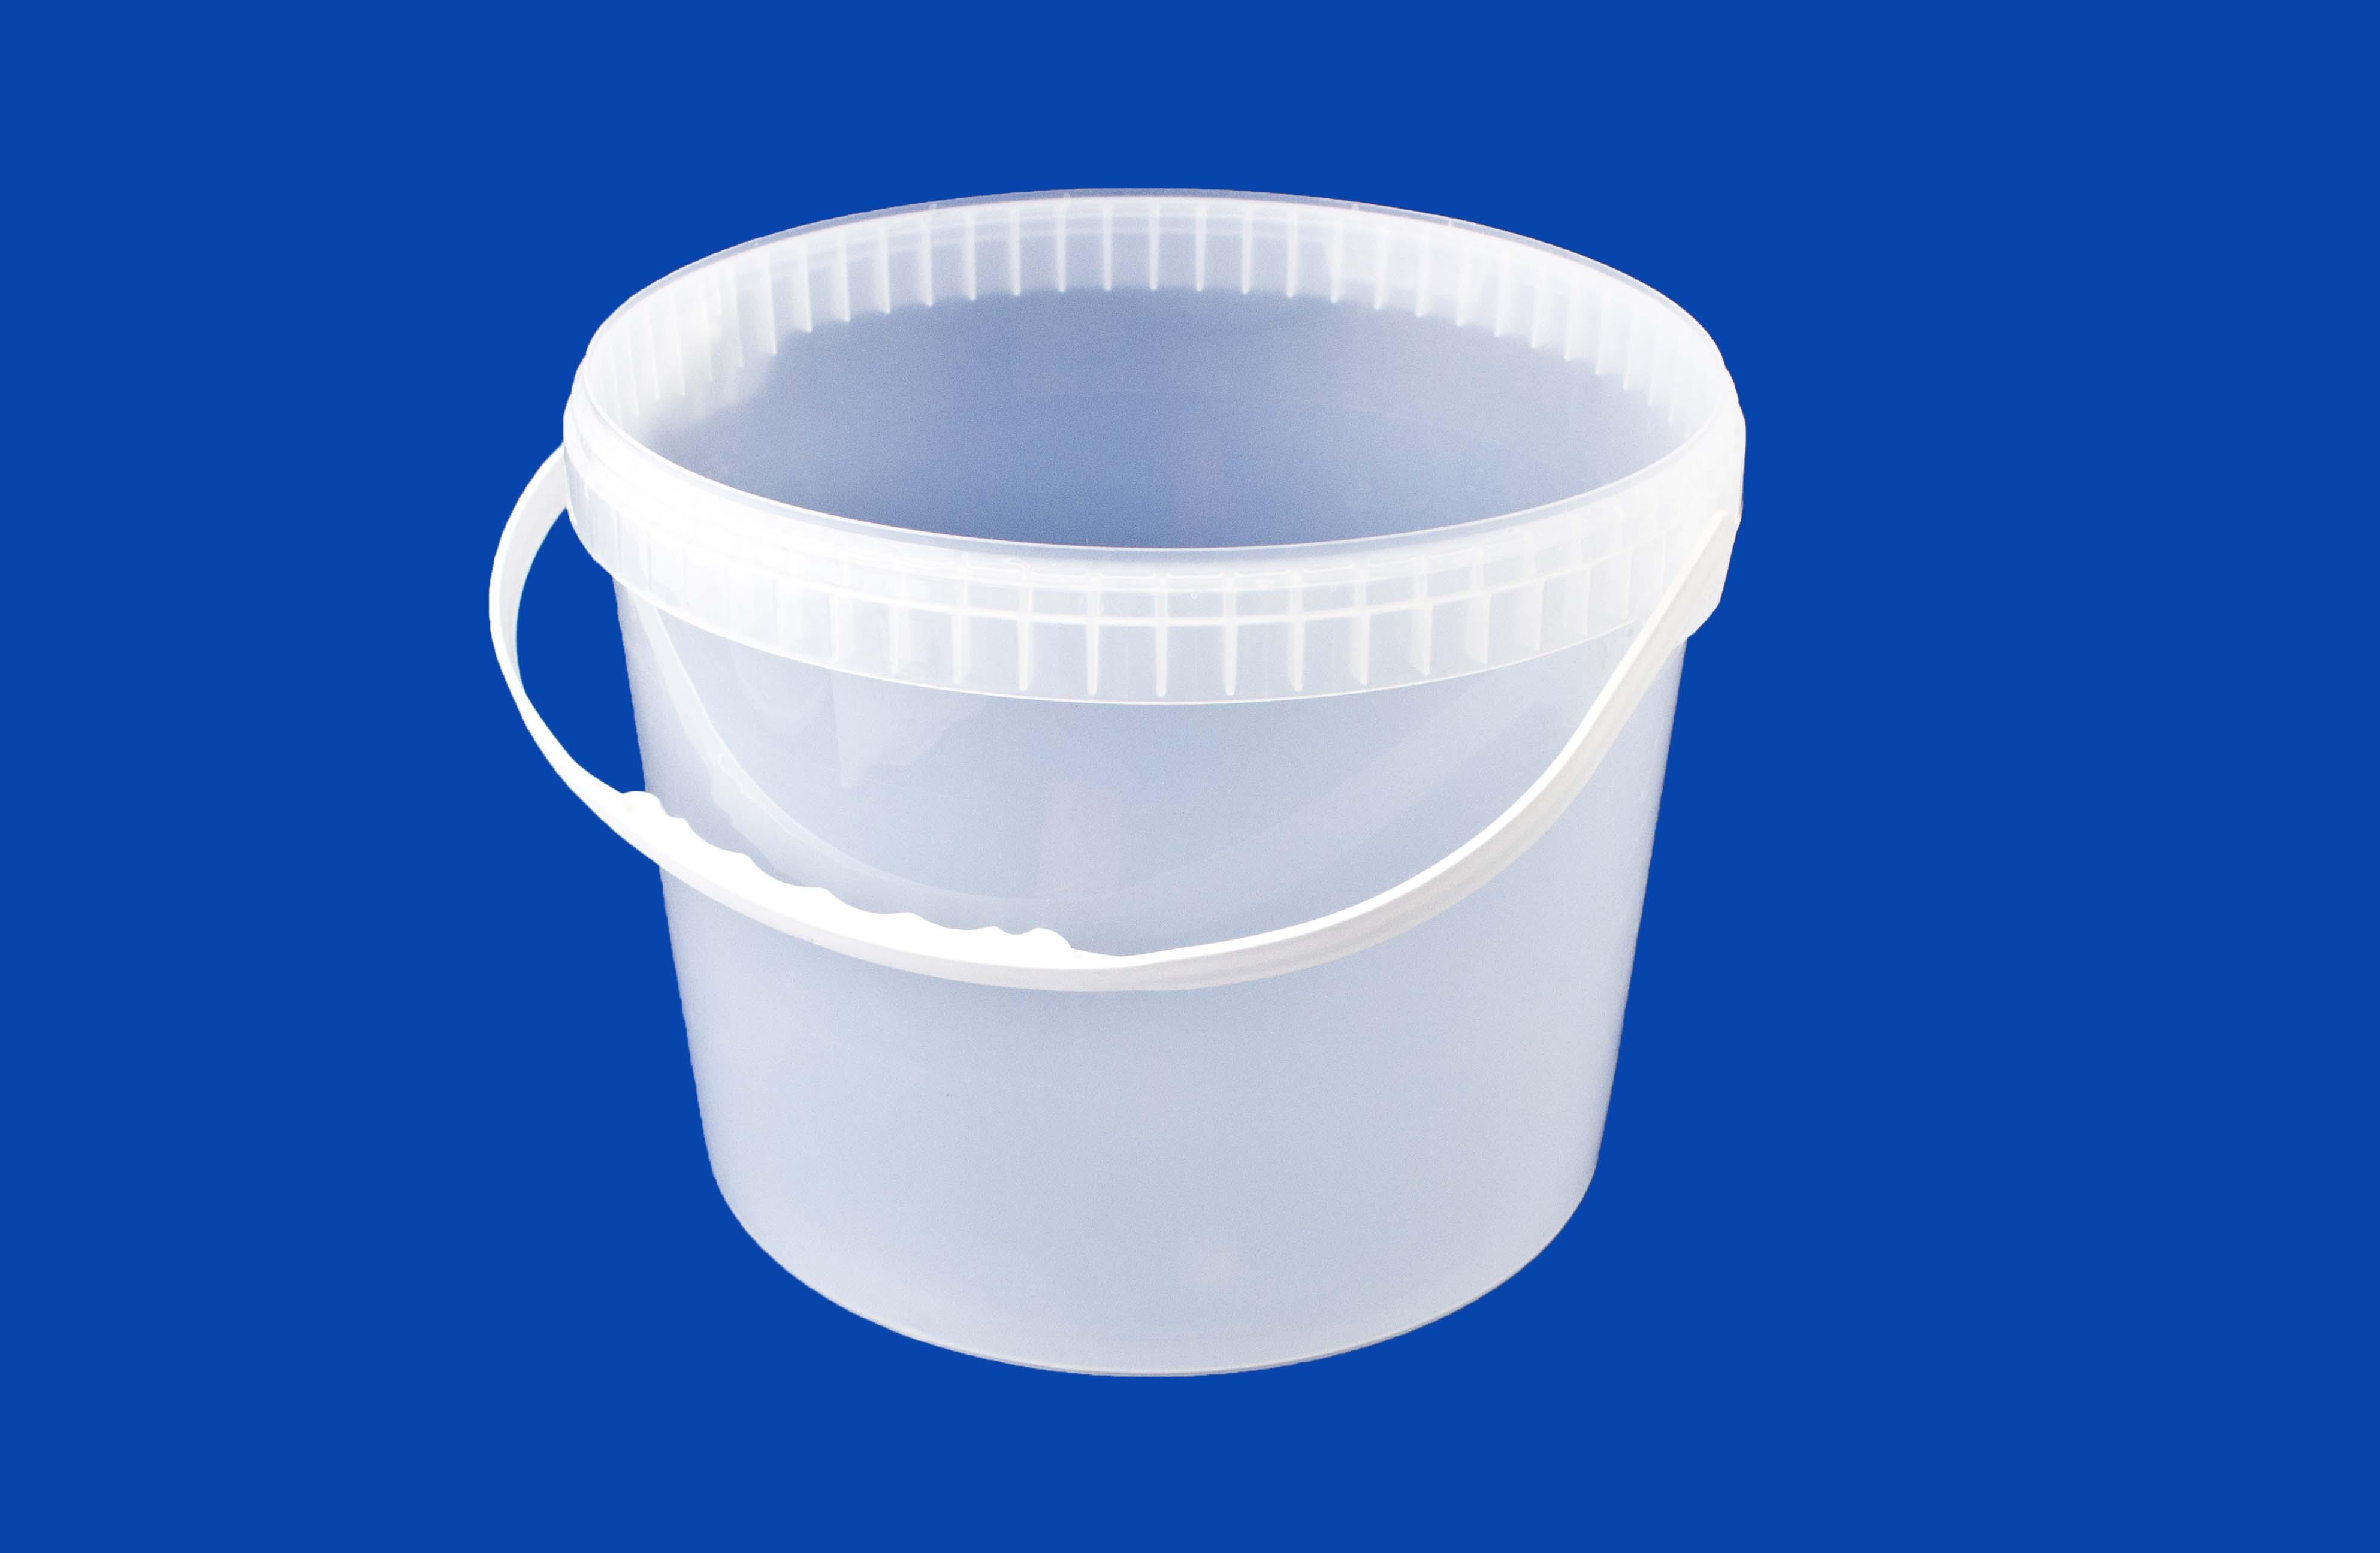 Из чего делают пластиковые ведра. бизнес по производству пластиковых ведер. оборудование для производства ведер